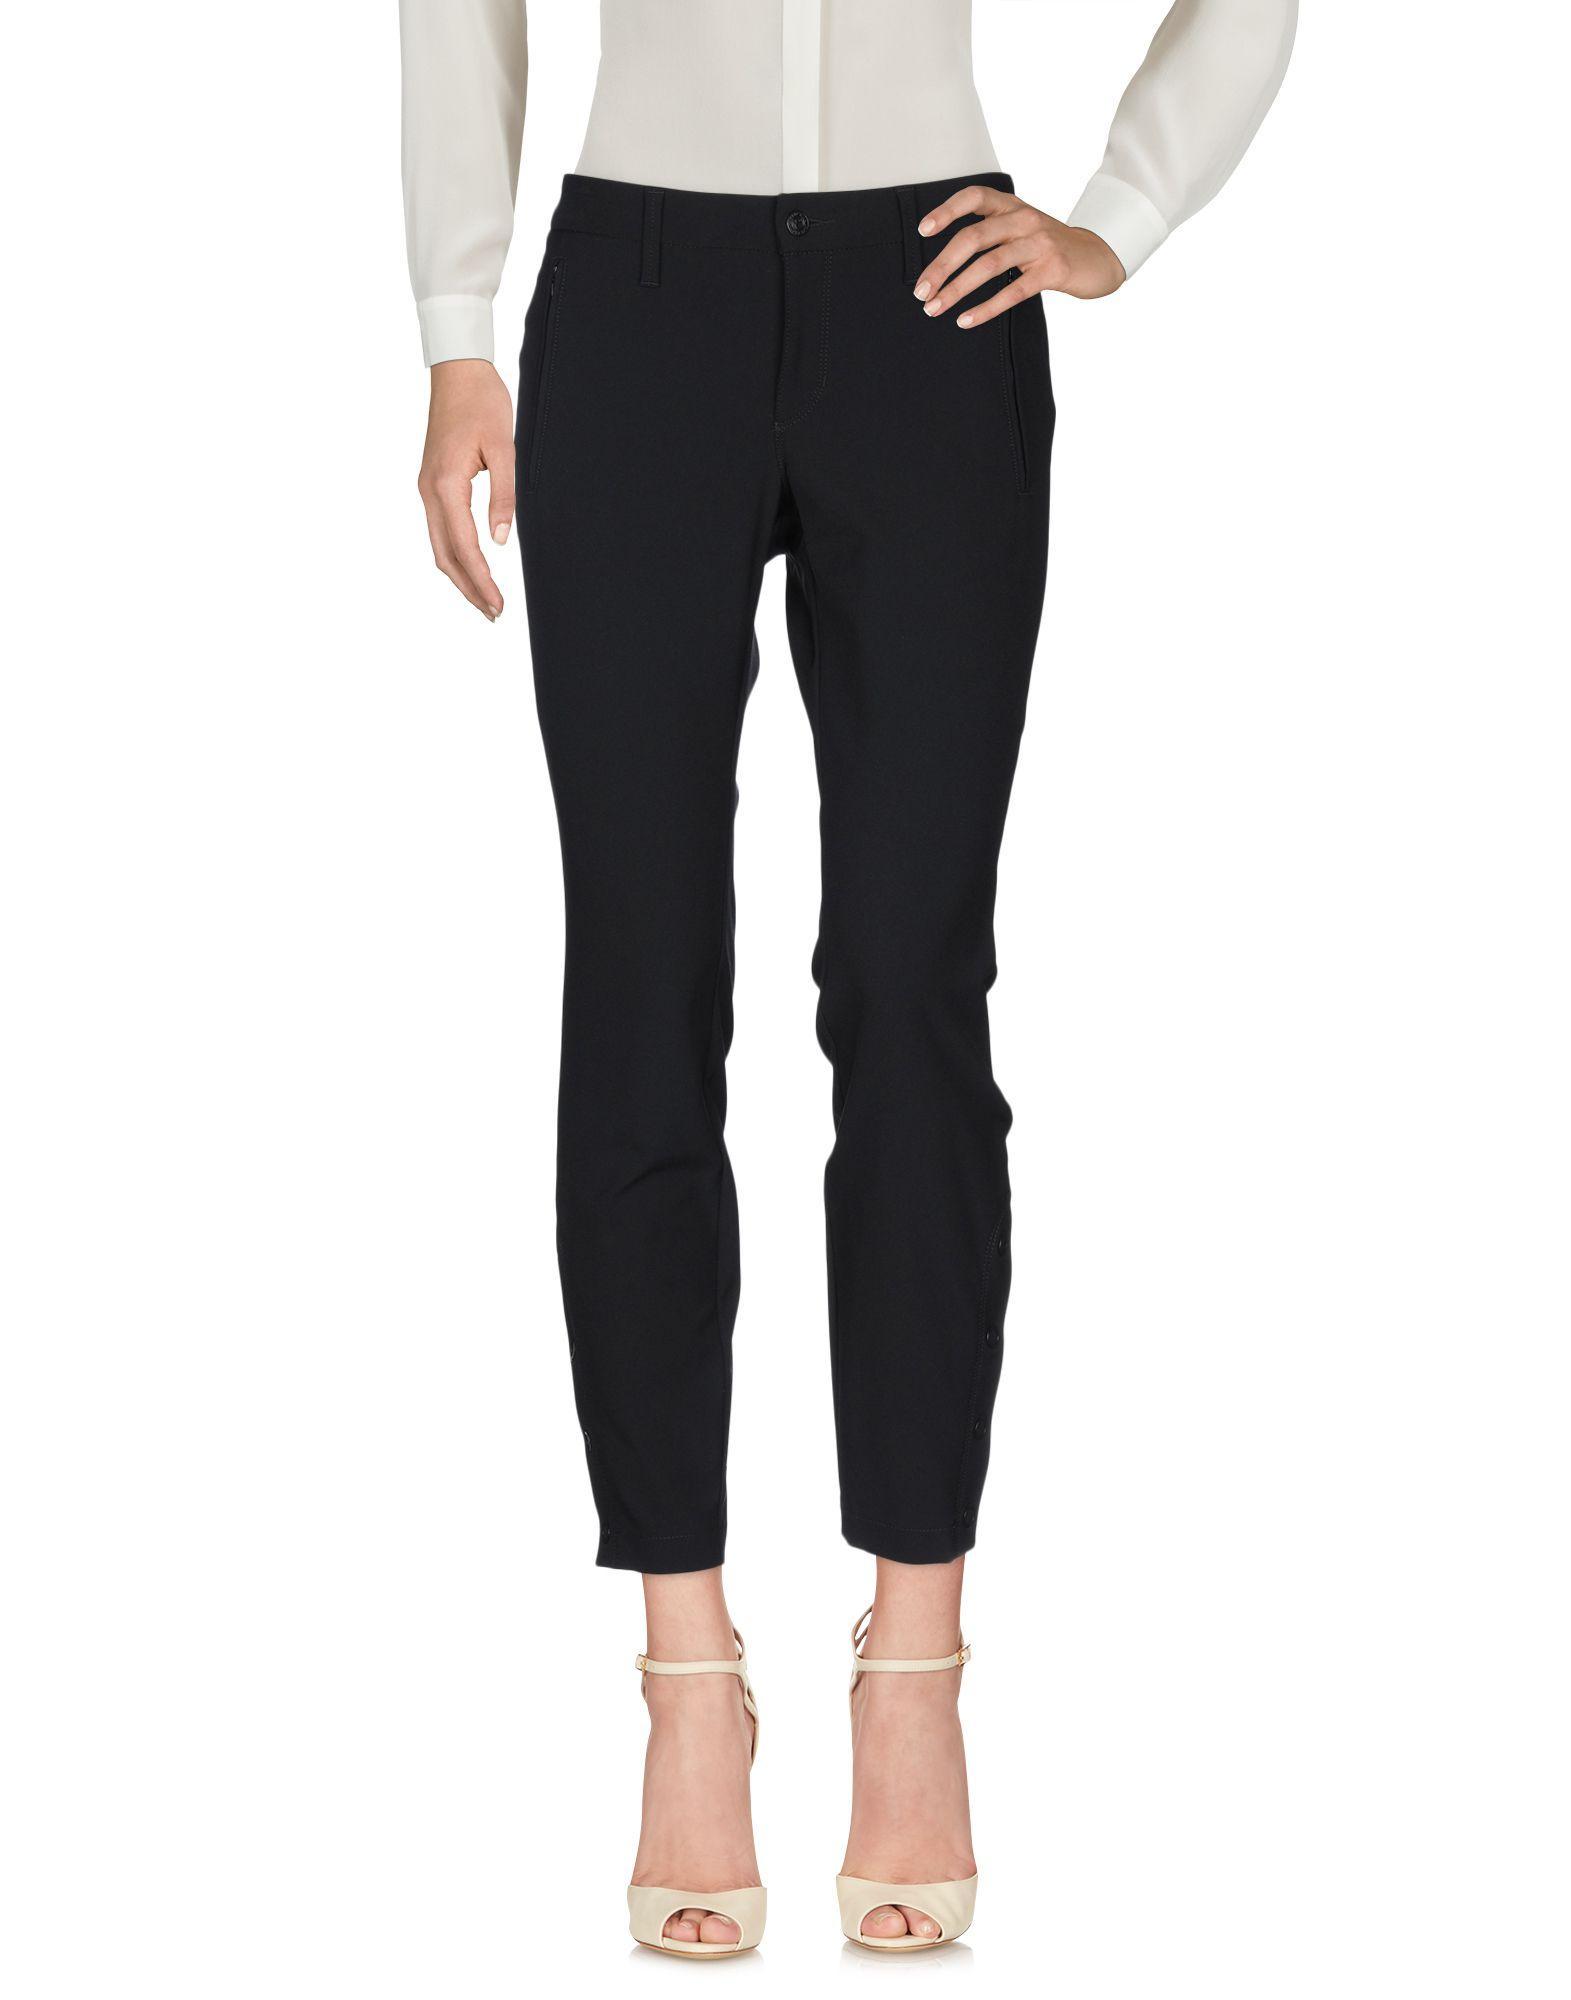 Pantalones Cambio de Tejido sintético de color Negro